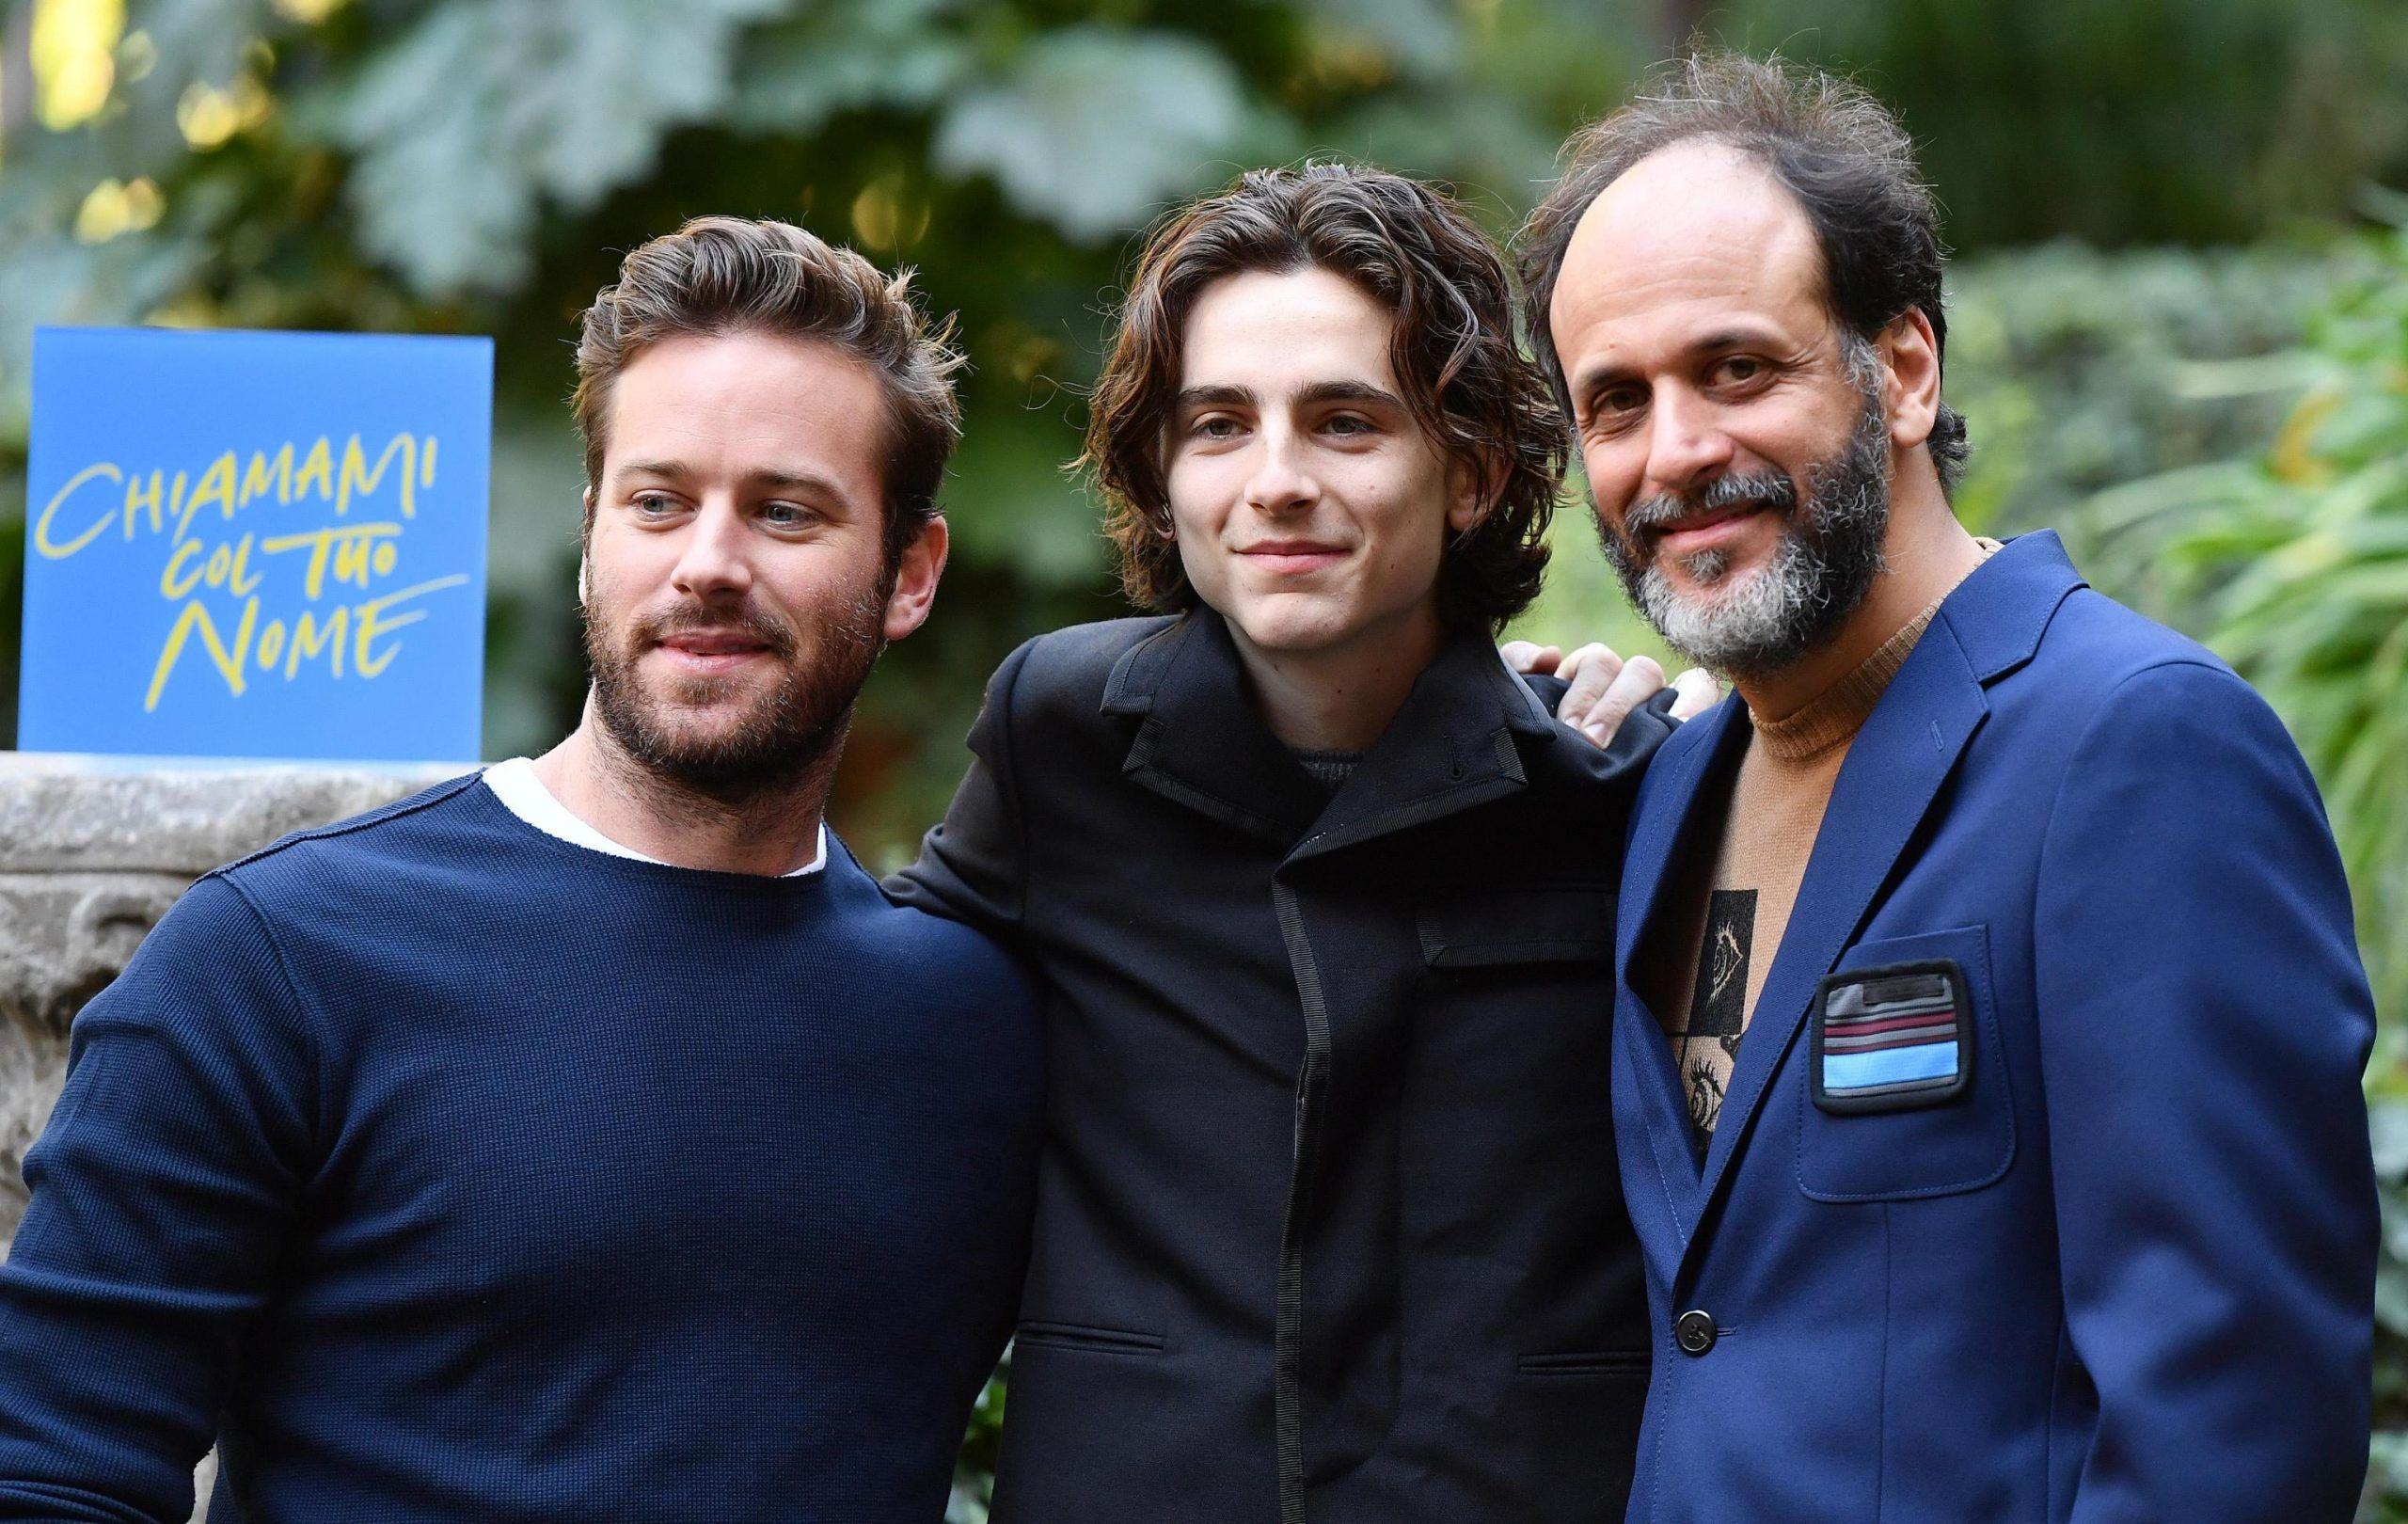 Chiamami col tuo nome: trailer e trama del film di Luca Guadagnino candidato a 4 Oscar